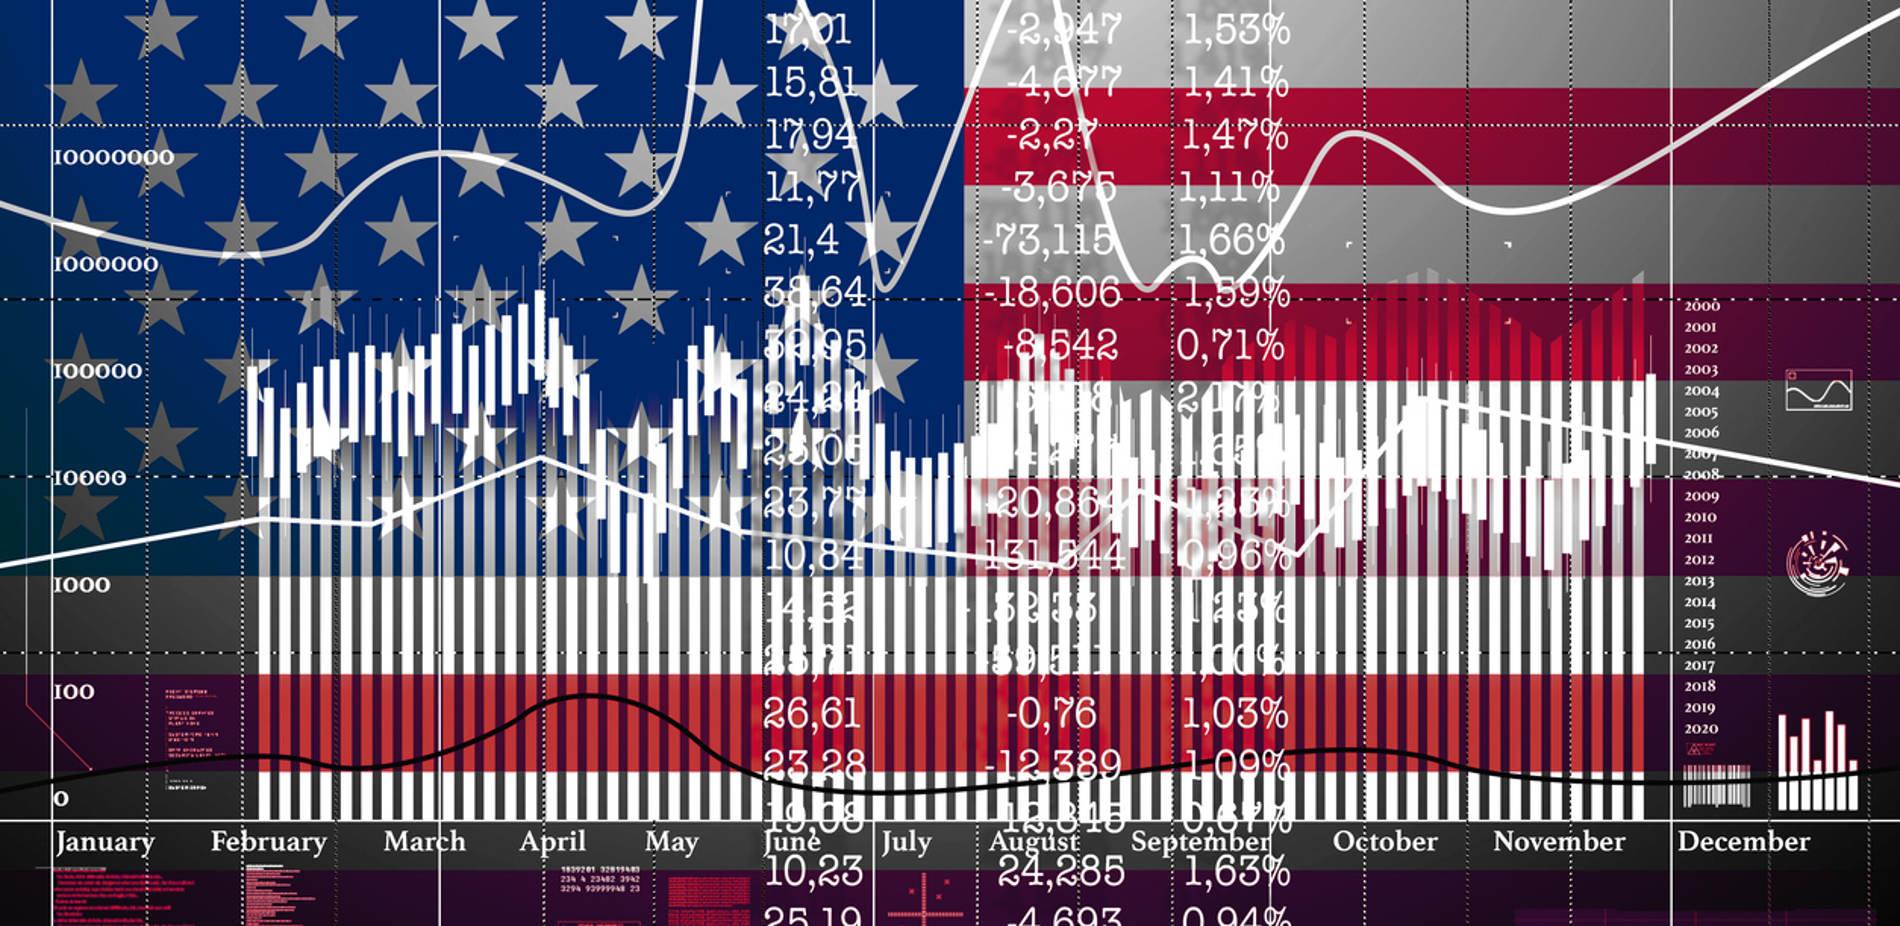 لماذا يمكن أن يكون عام 2020 عاما كبيرا للأسهم العالمية مقارنة بالأسهم الأمريكية ؟